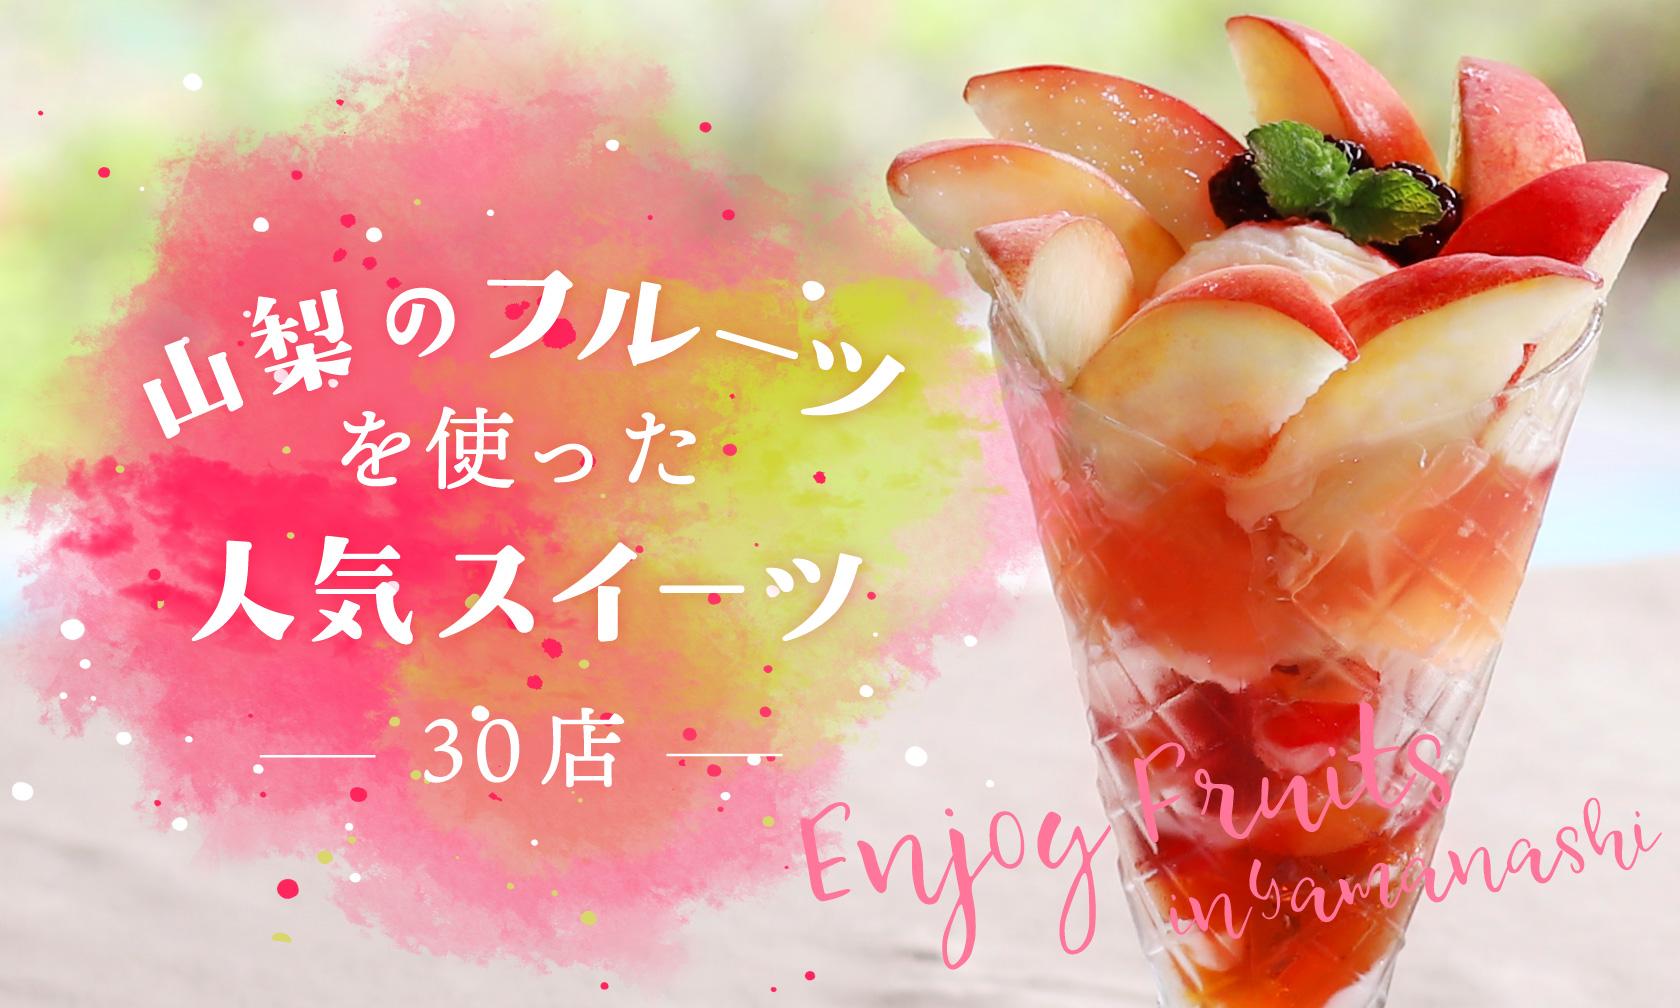 山梨のフルーツを使った人気スイーツ 30店